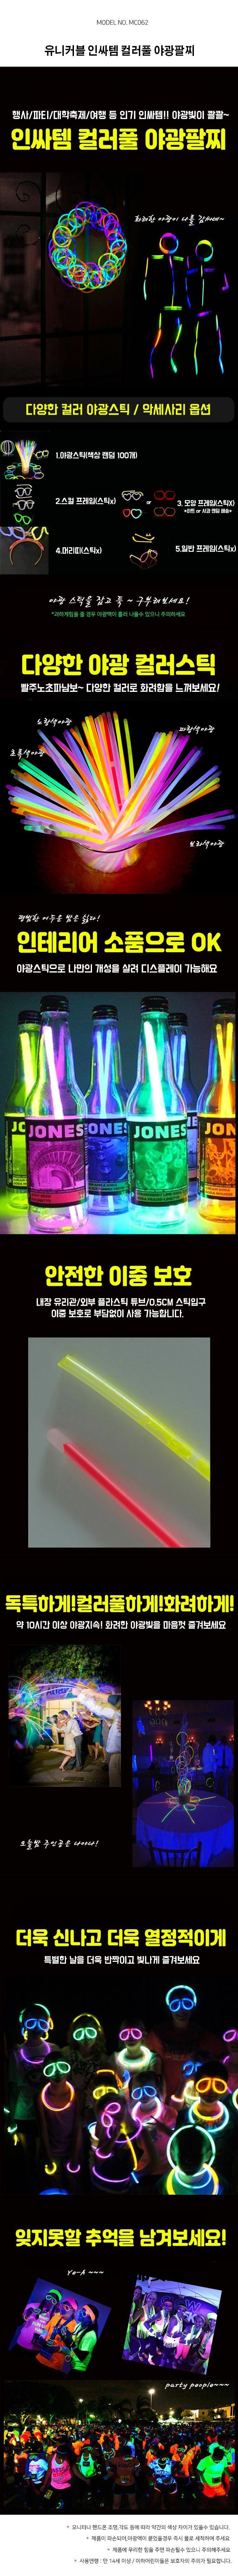 인싸템 LED 야광팔찌 100개 클럽 네온 스틱 야광봉 형광 용품 콘서트 파티쇼 실리콘 - 뮤고스, 6,900원, 파티용품, 보조용품